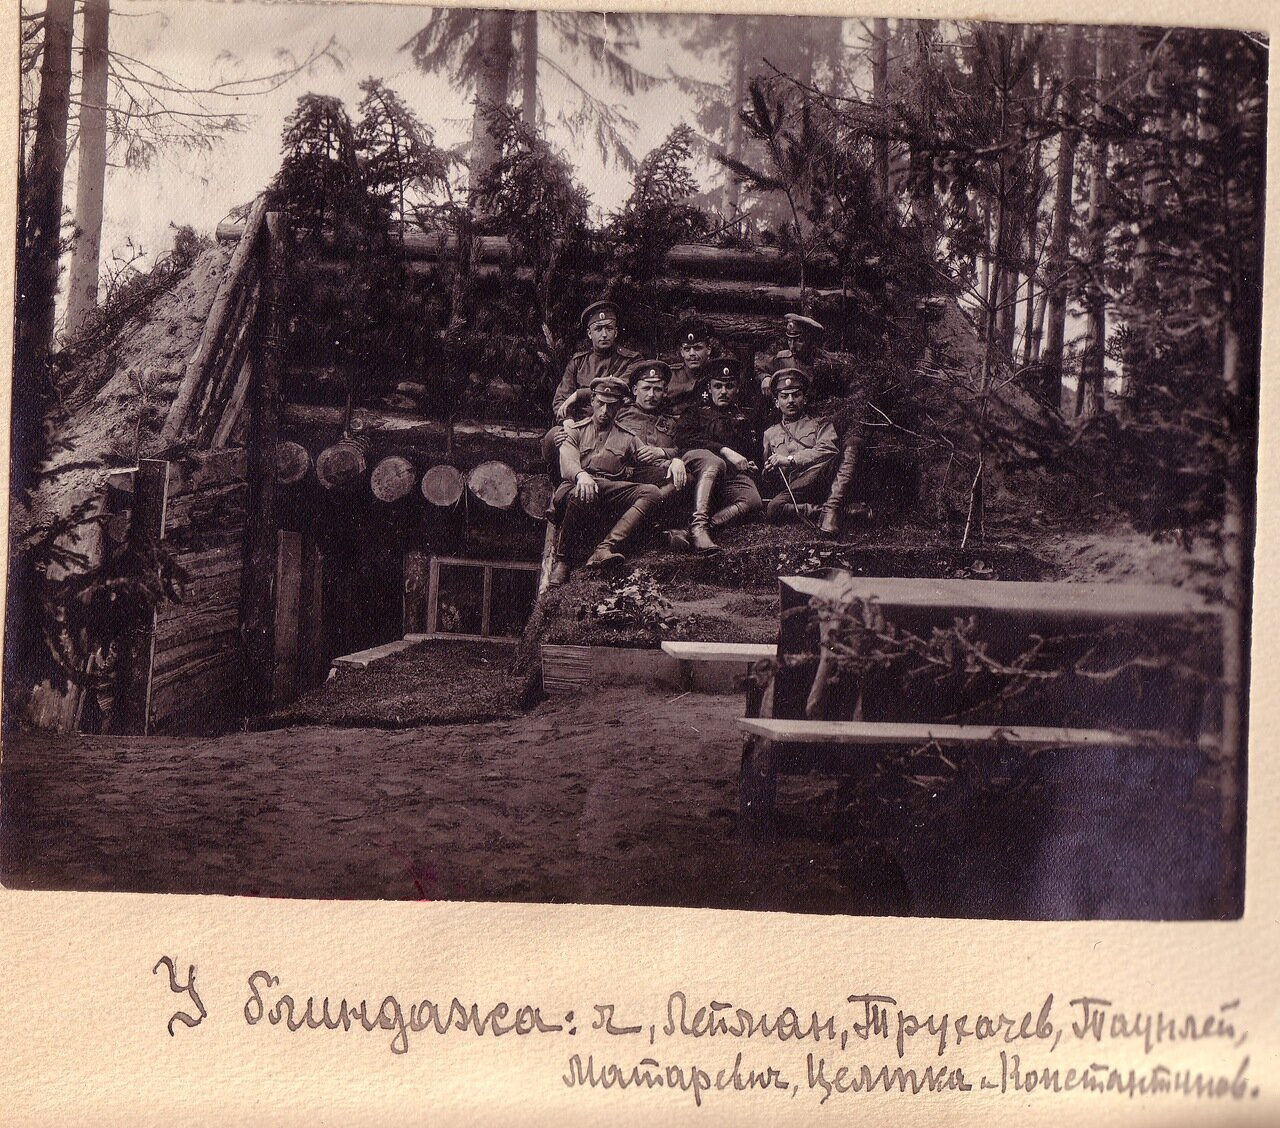 У блиндажа: я, Лейман, Трухачев, Таунлей, Митаревич, Целтка и Константинов